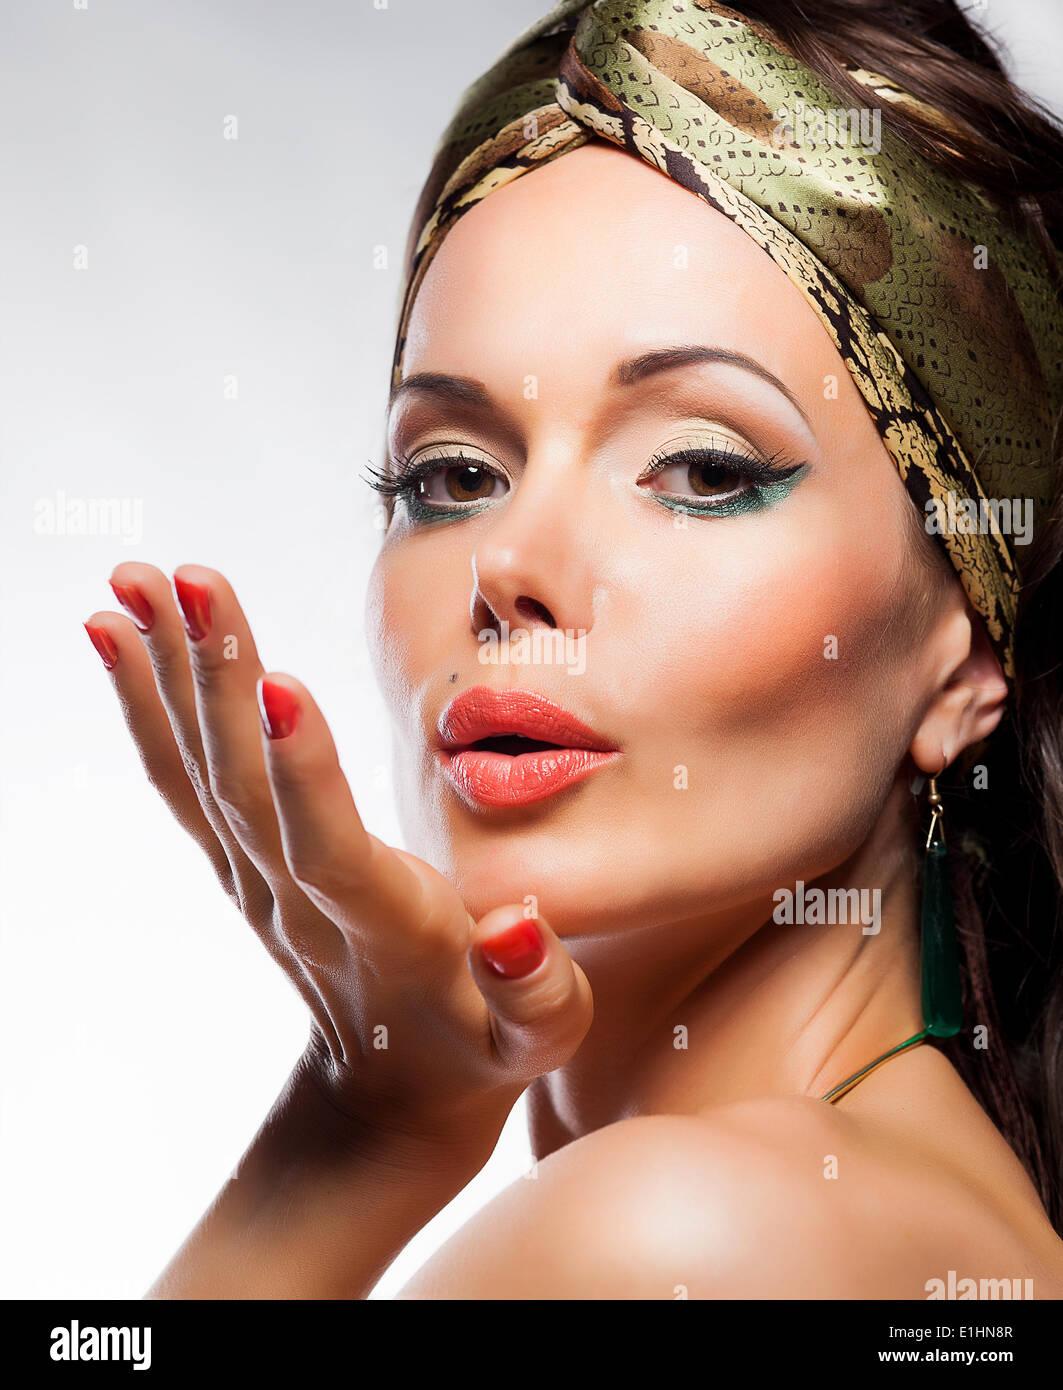 Orientalische Mode-Stil. Schöne Frau magische Gesicht. Weht einen Kuss Stockbild